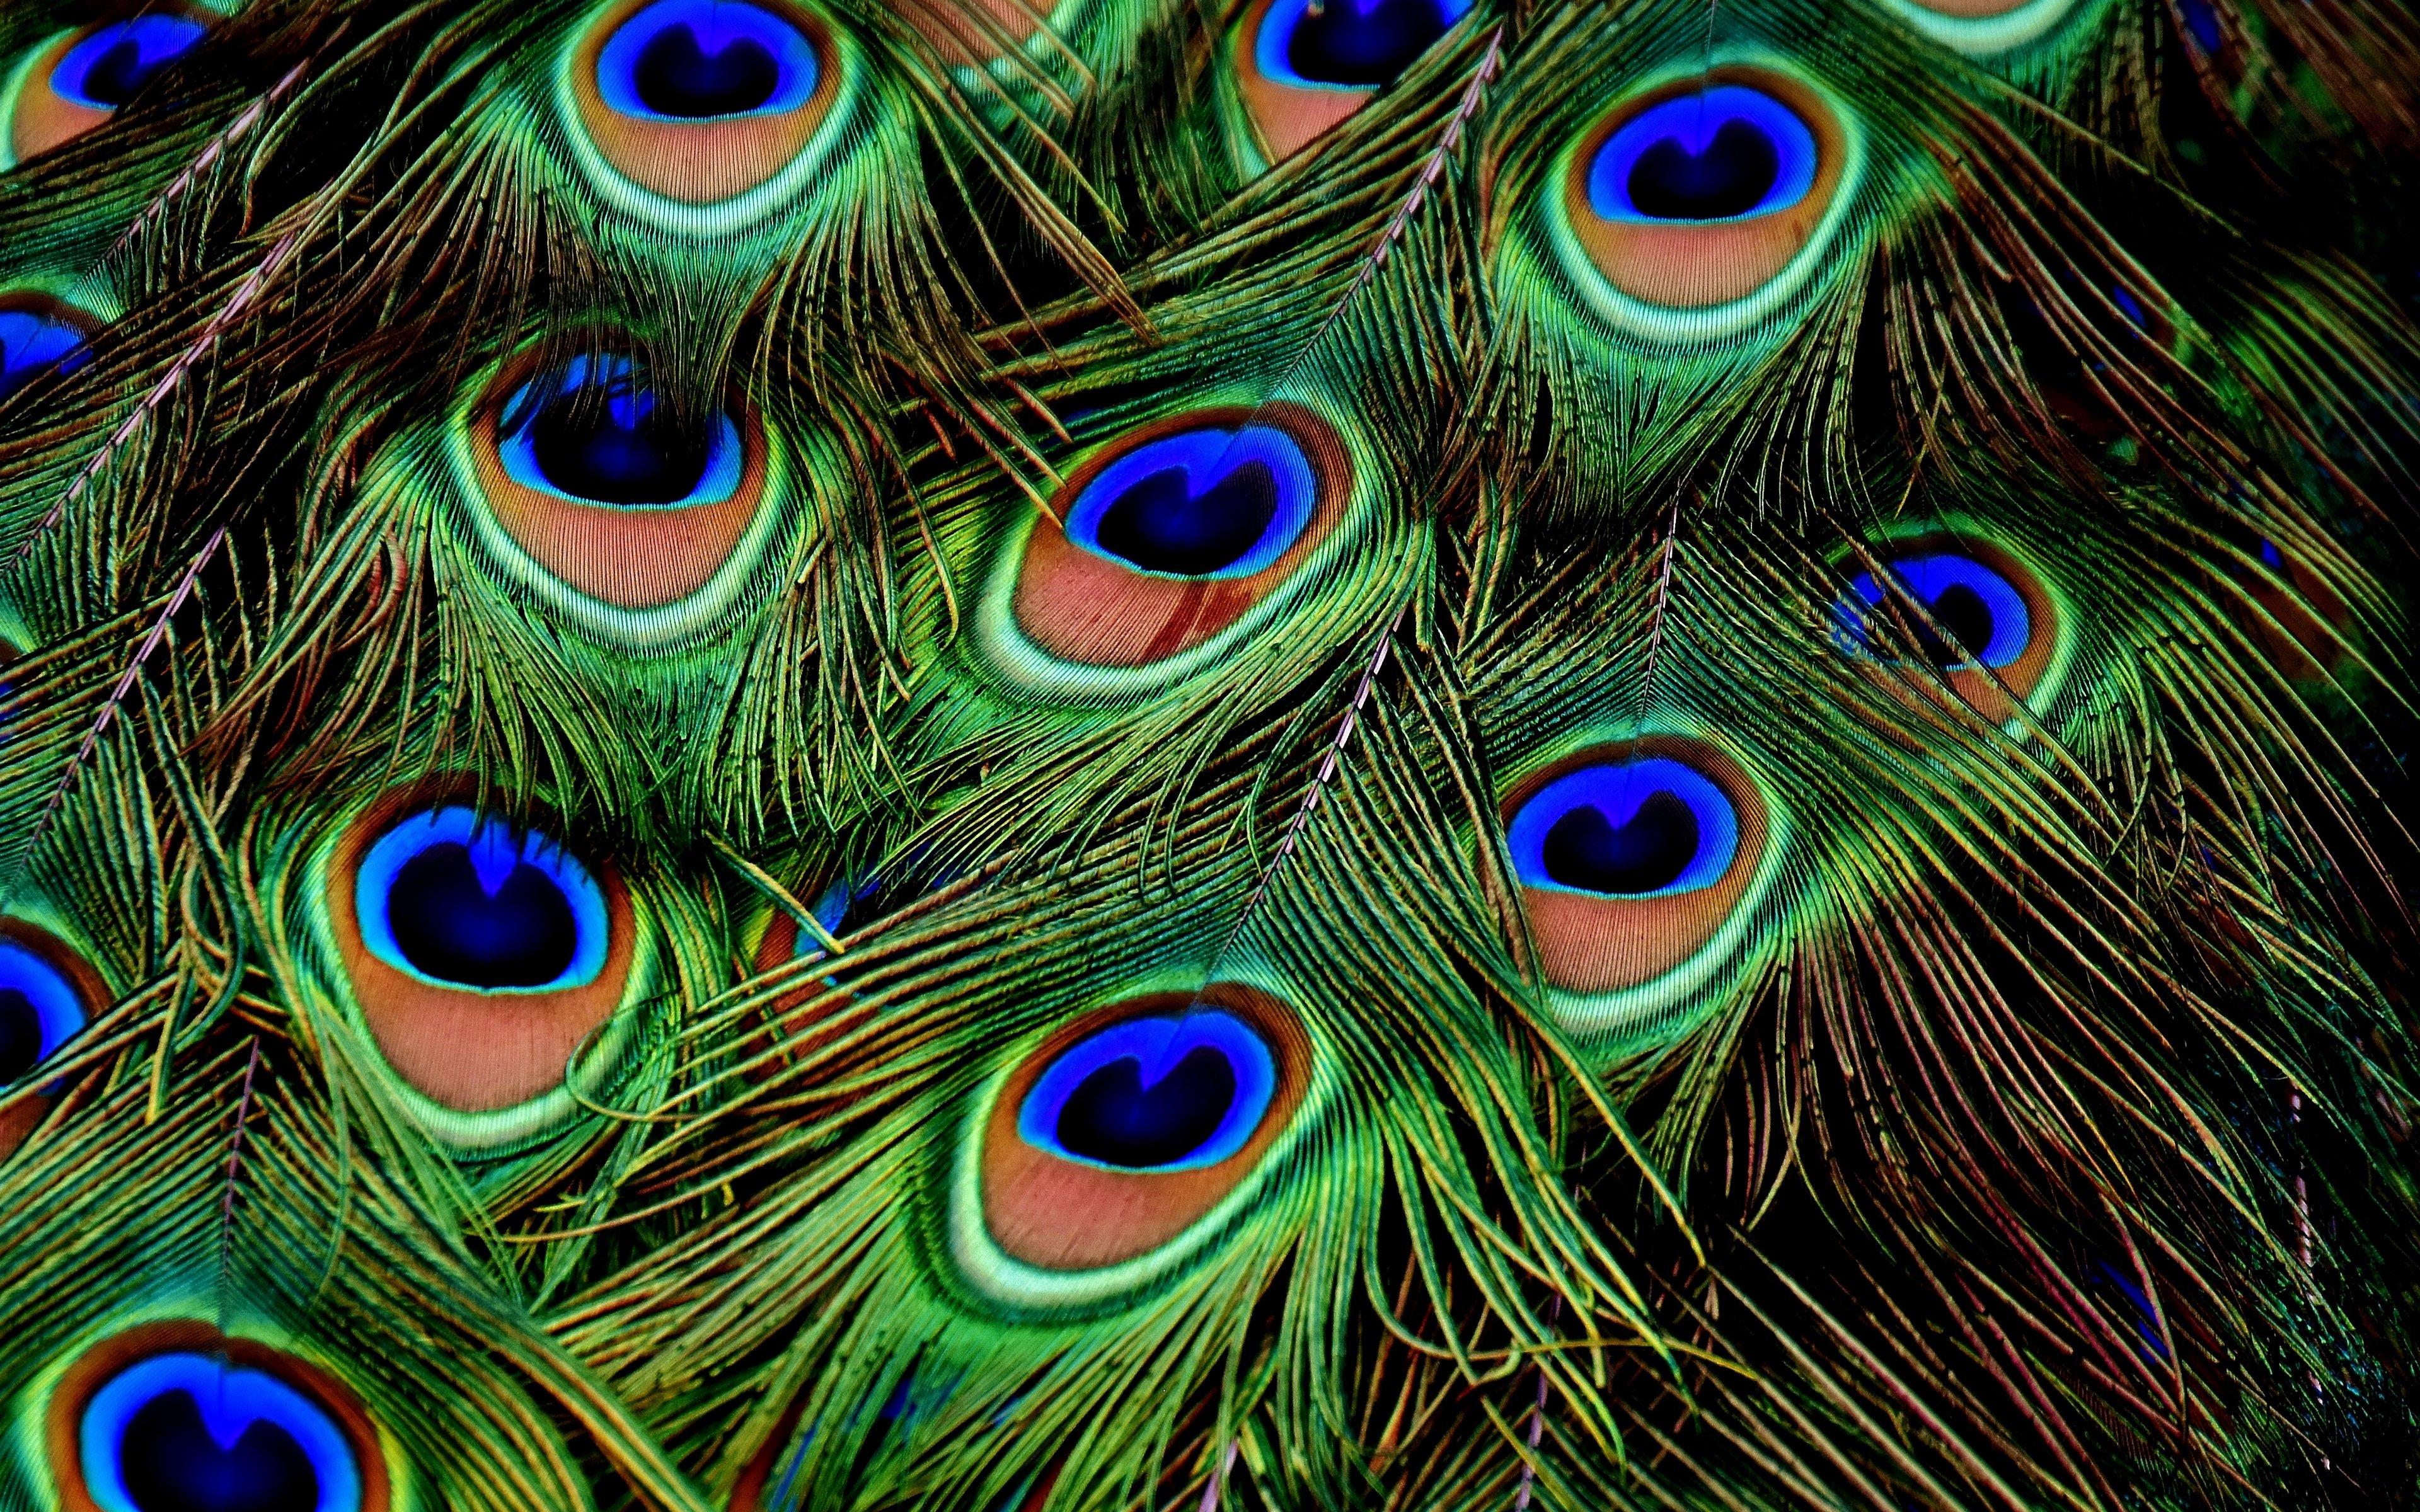 Fondos de pantalla Plumas de pavo real